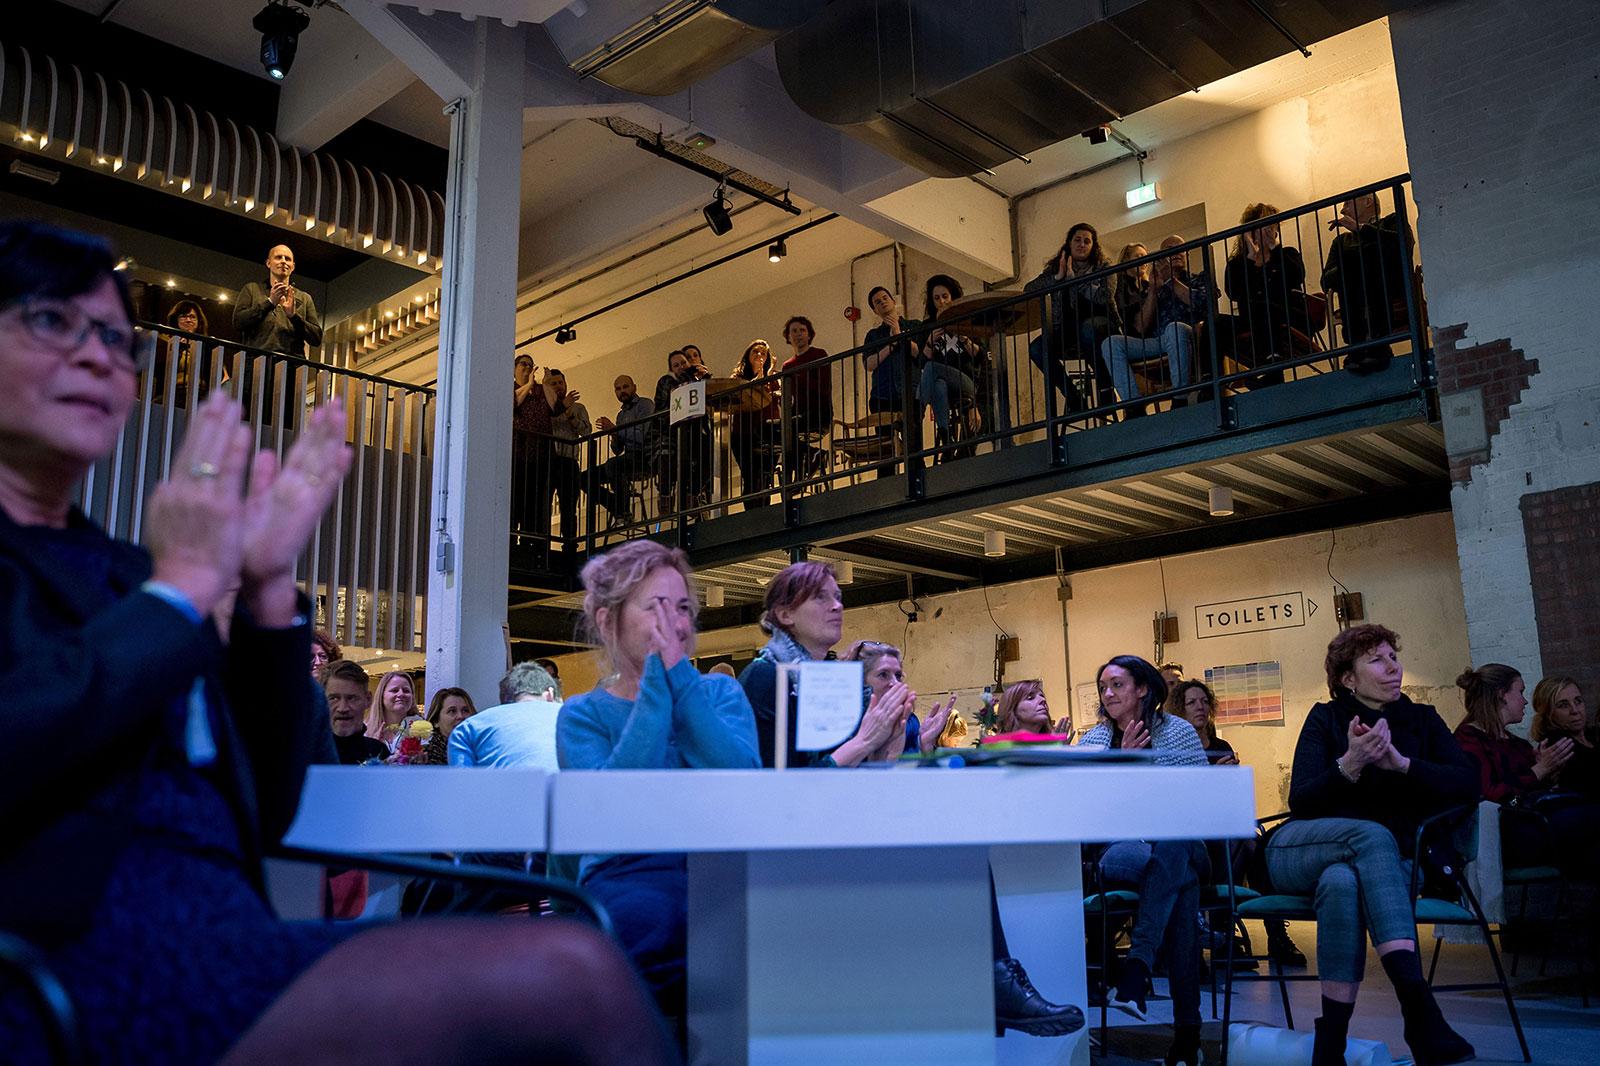 EDEX event - een zaal vol met deelenemers aan EDEX applaudiseren